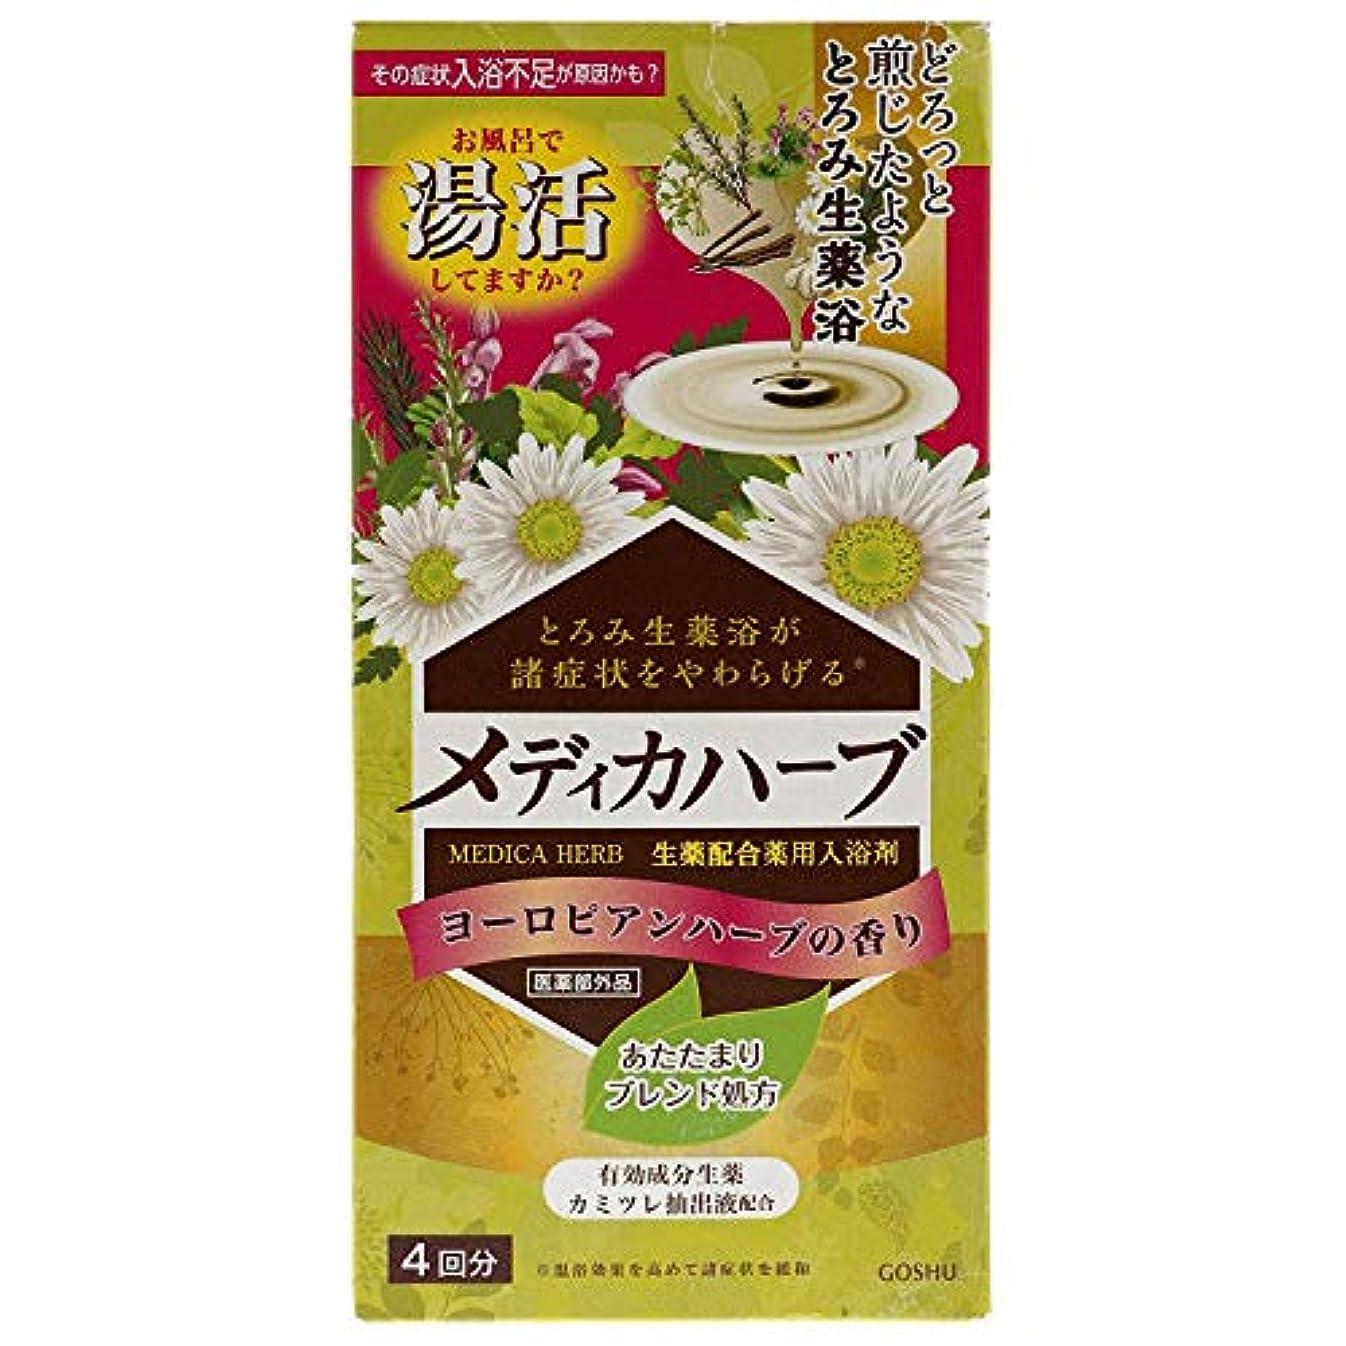 直感ファックスバイバイメディカハーブ ヨーロピアンハーブの香り 4包(4回分) [医薬部外品]